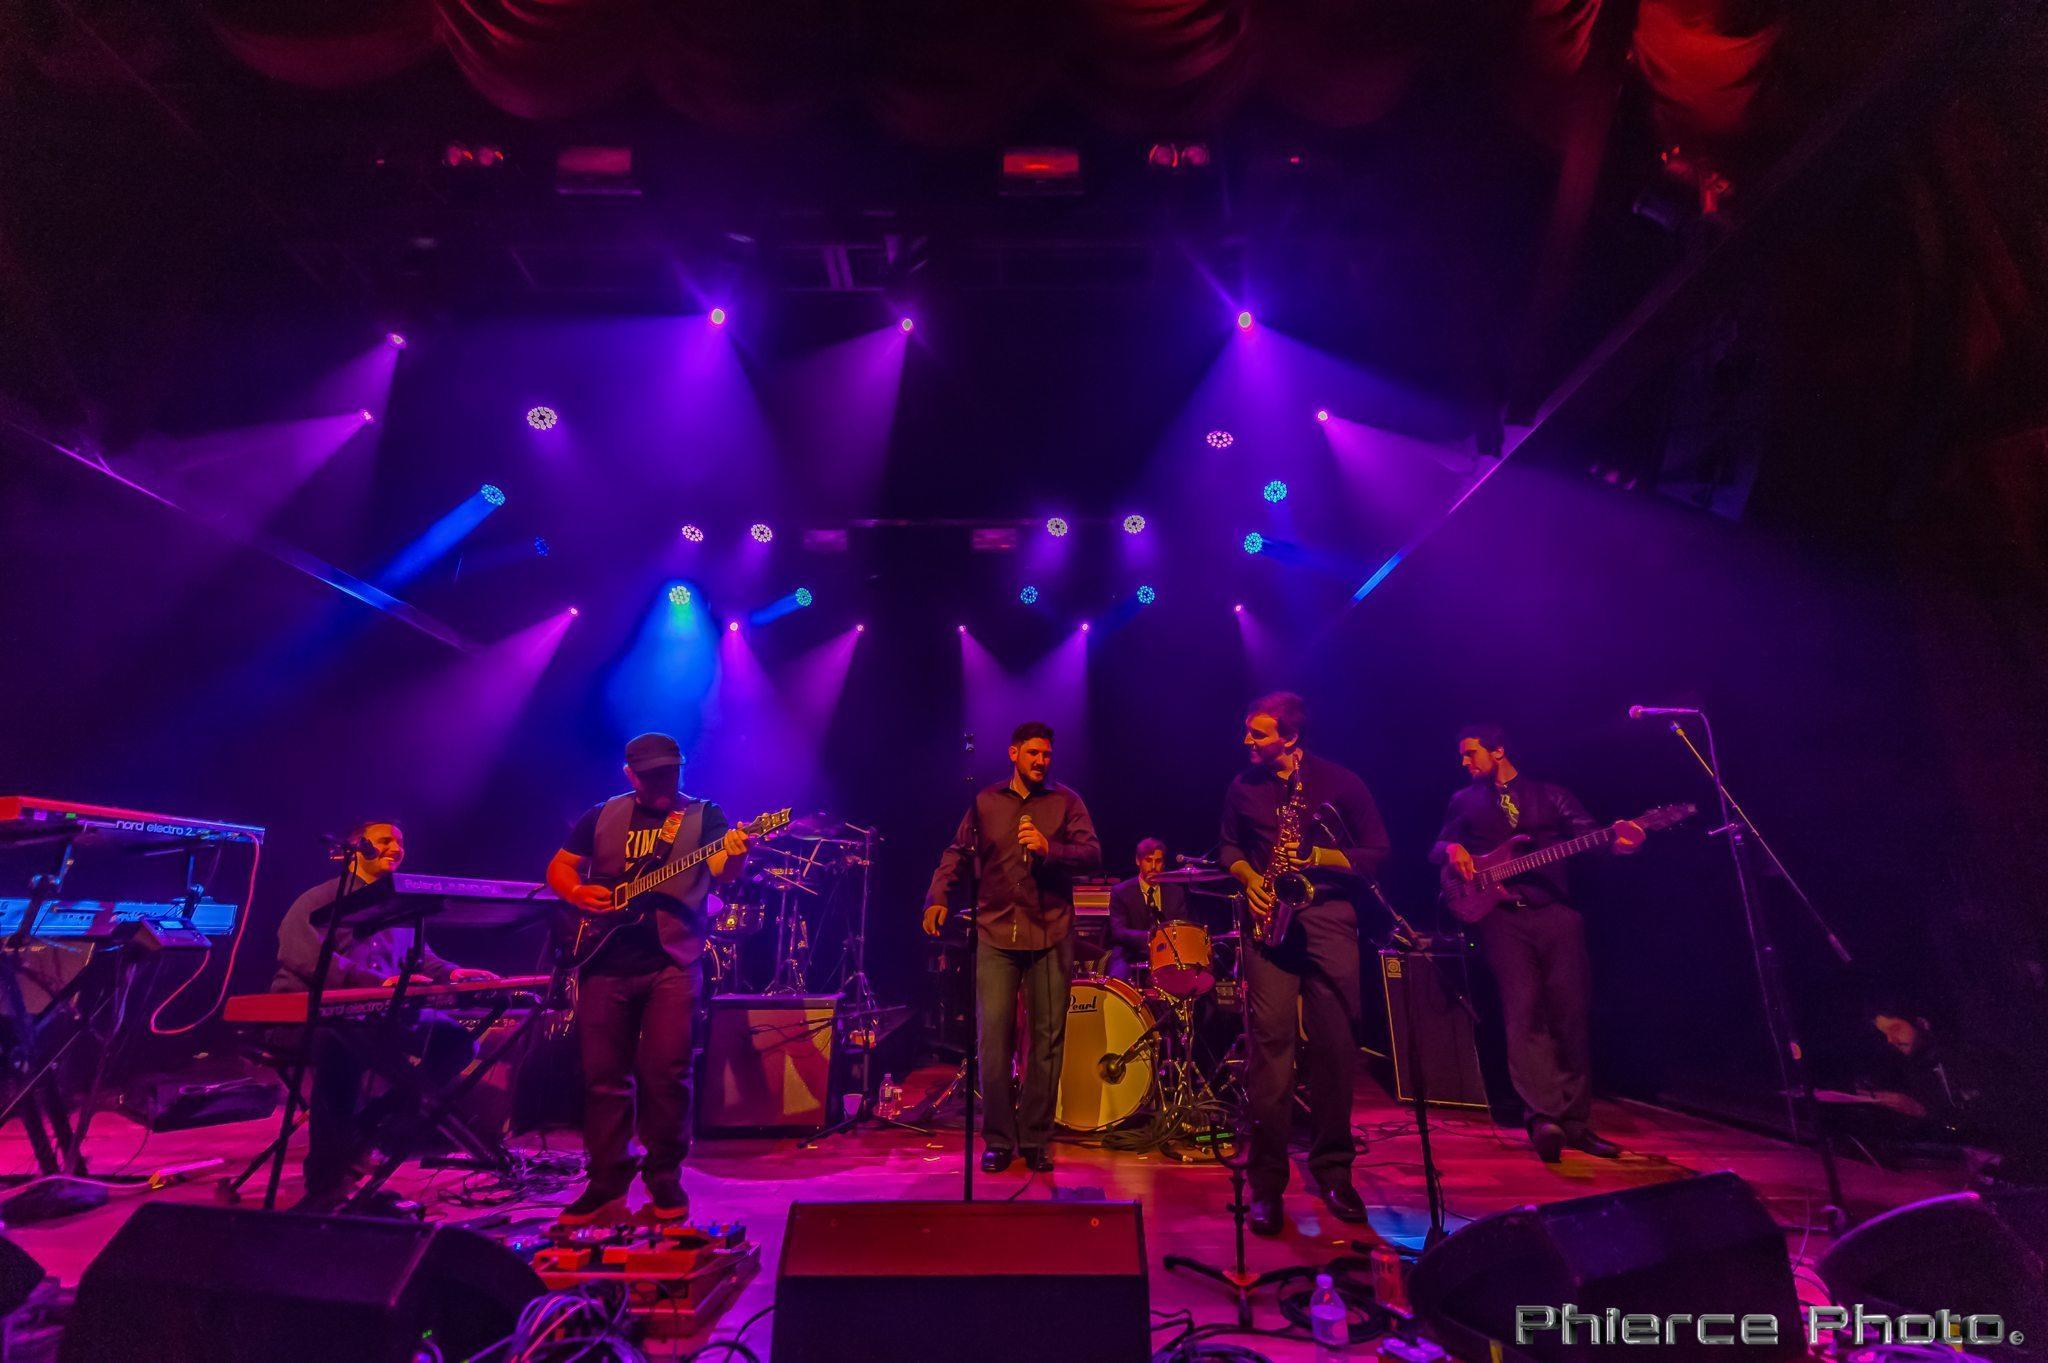 Atlanta Funk Band Voodoo Visionary Shares Exciting New Track